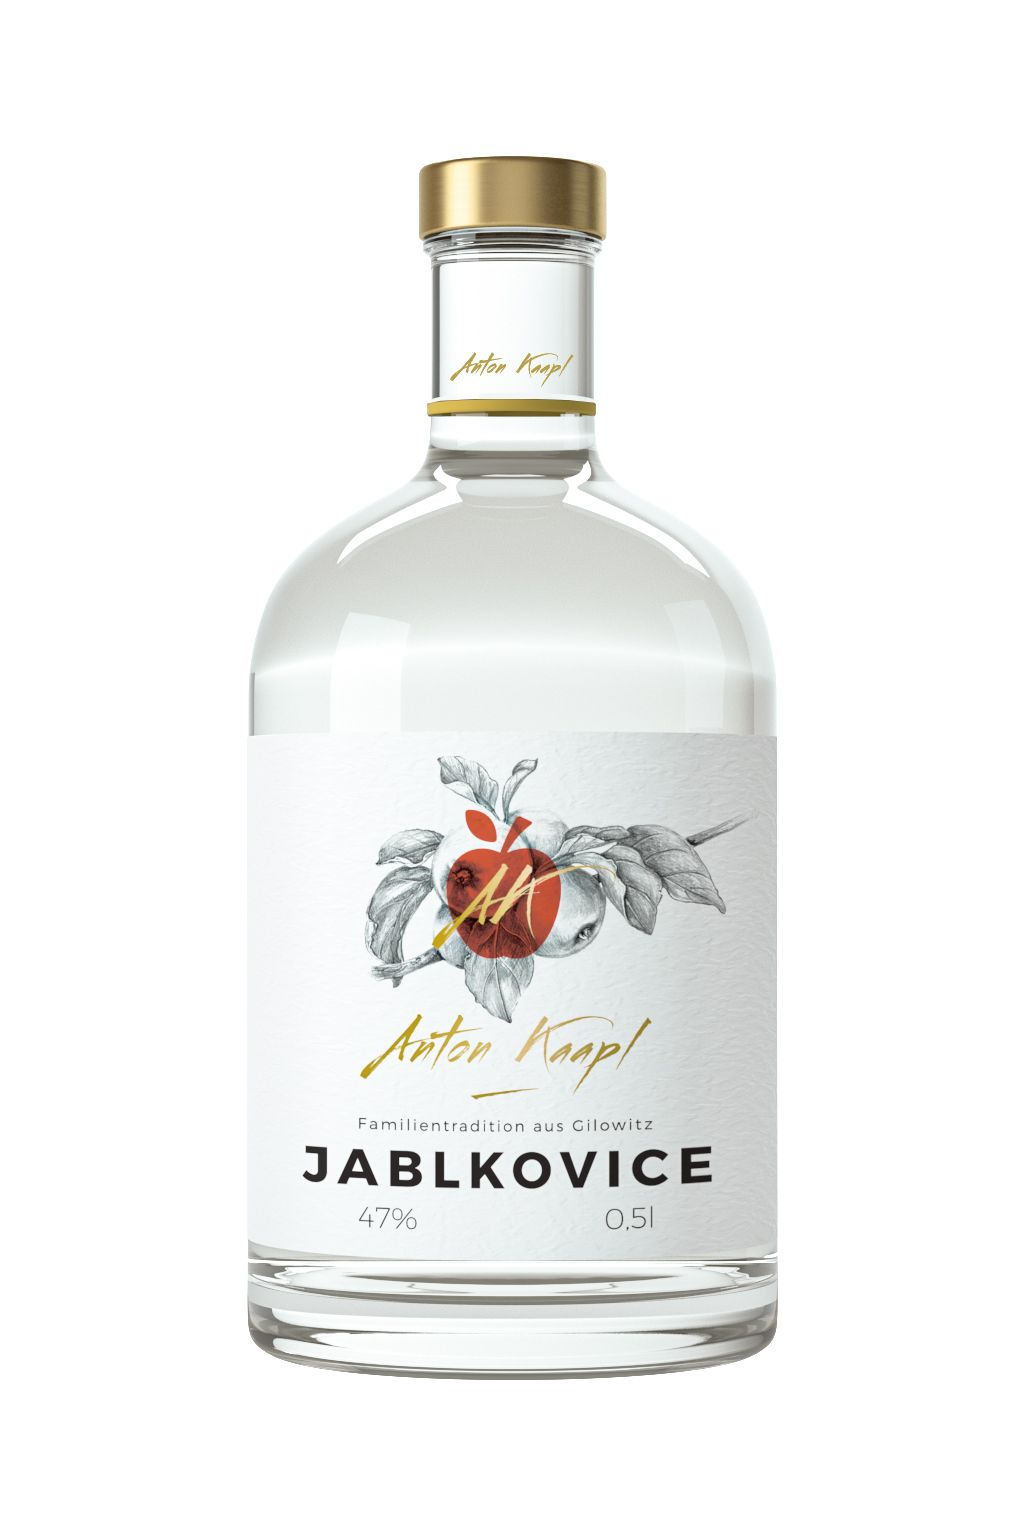 Anton Kaapl jablkovice